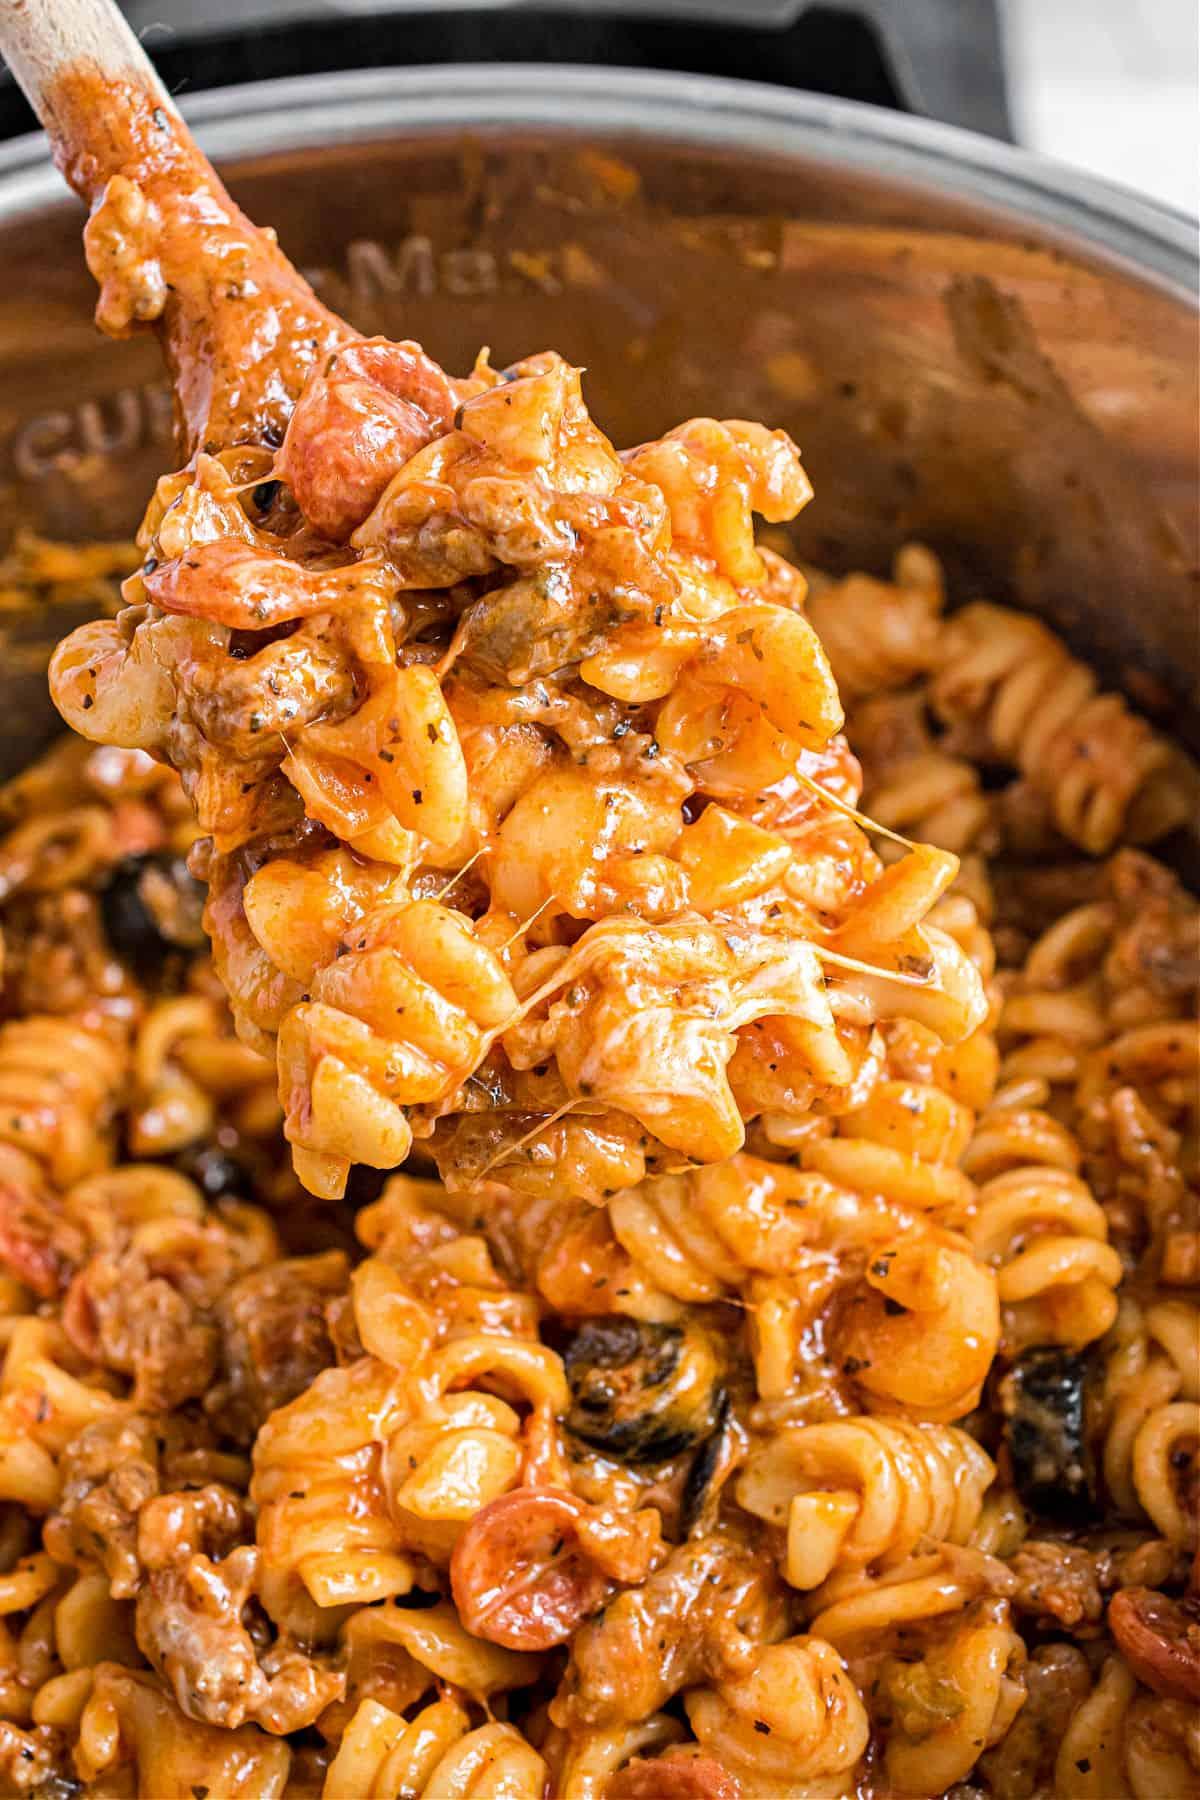 Cheesy pizza pasta casserole in the Instant Pot.